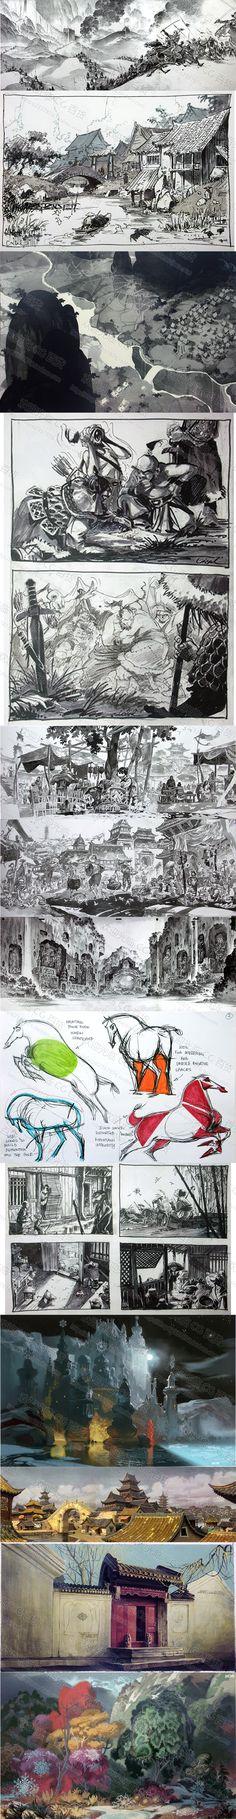 动画电影【花木兰】场景 人物 手稿 线稿 原画设定集 概念图集-淘宝网